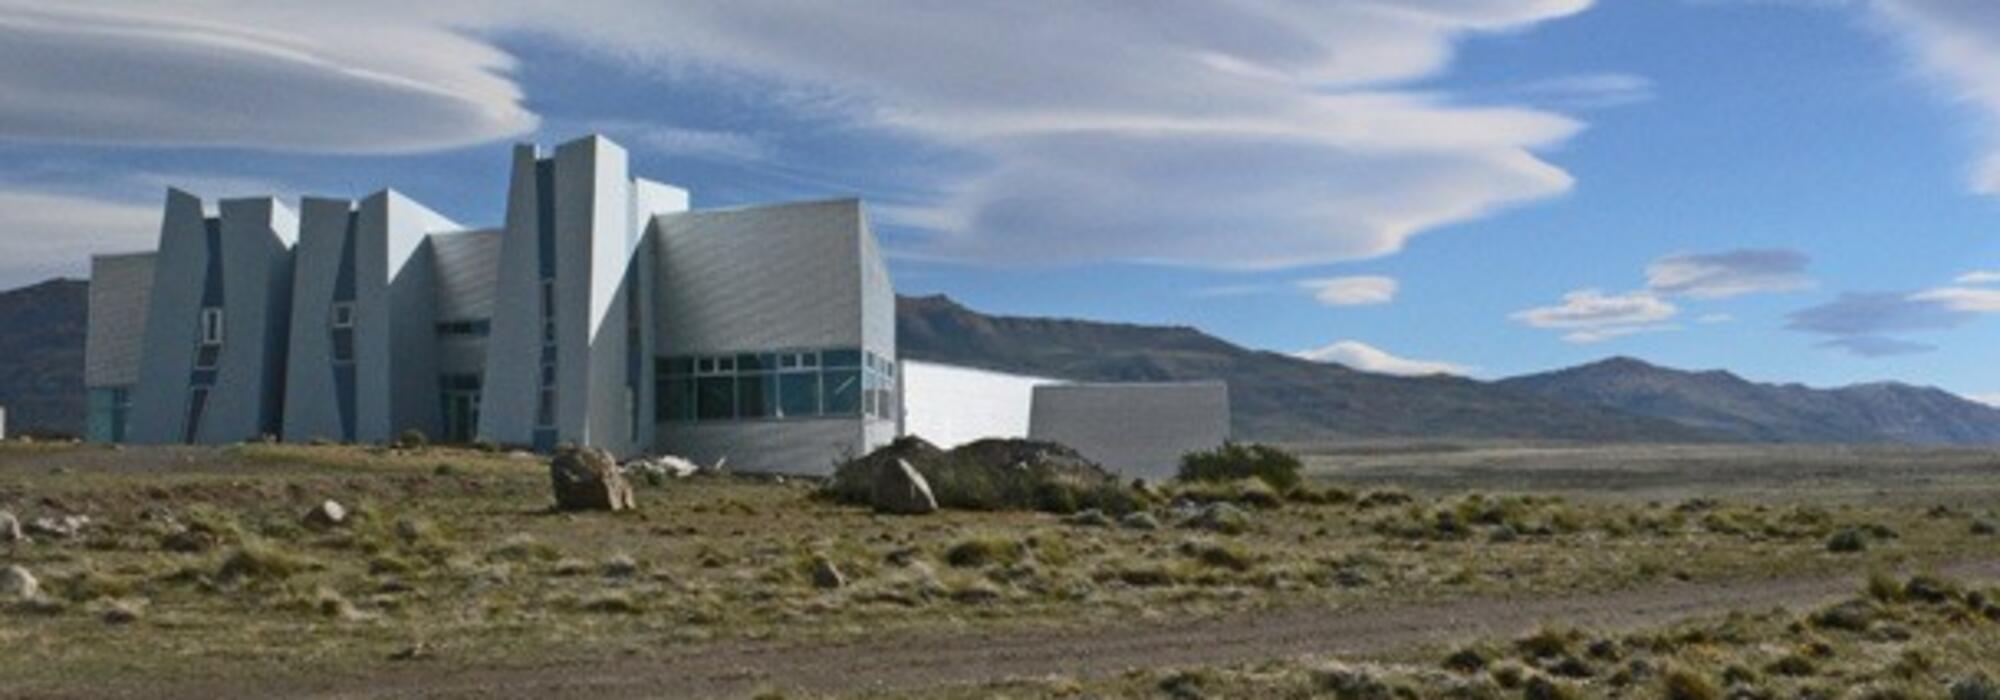 Le musée Glaciarium